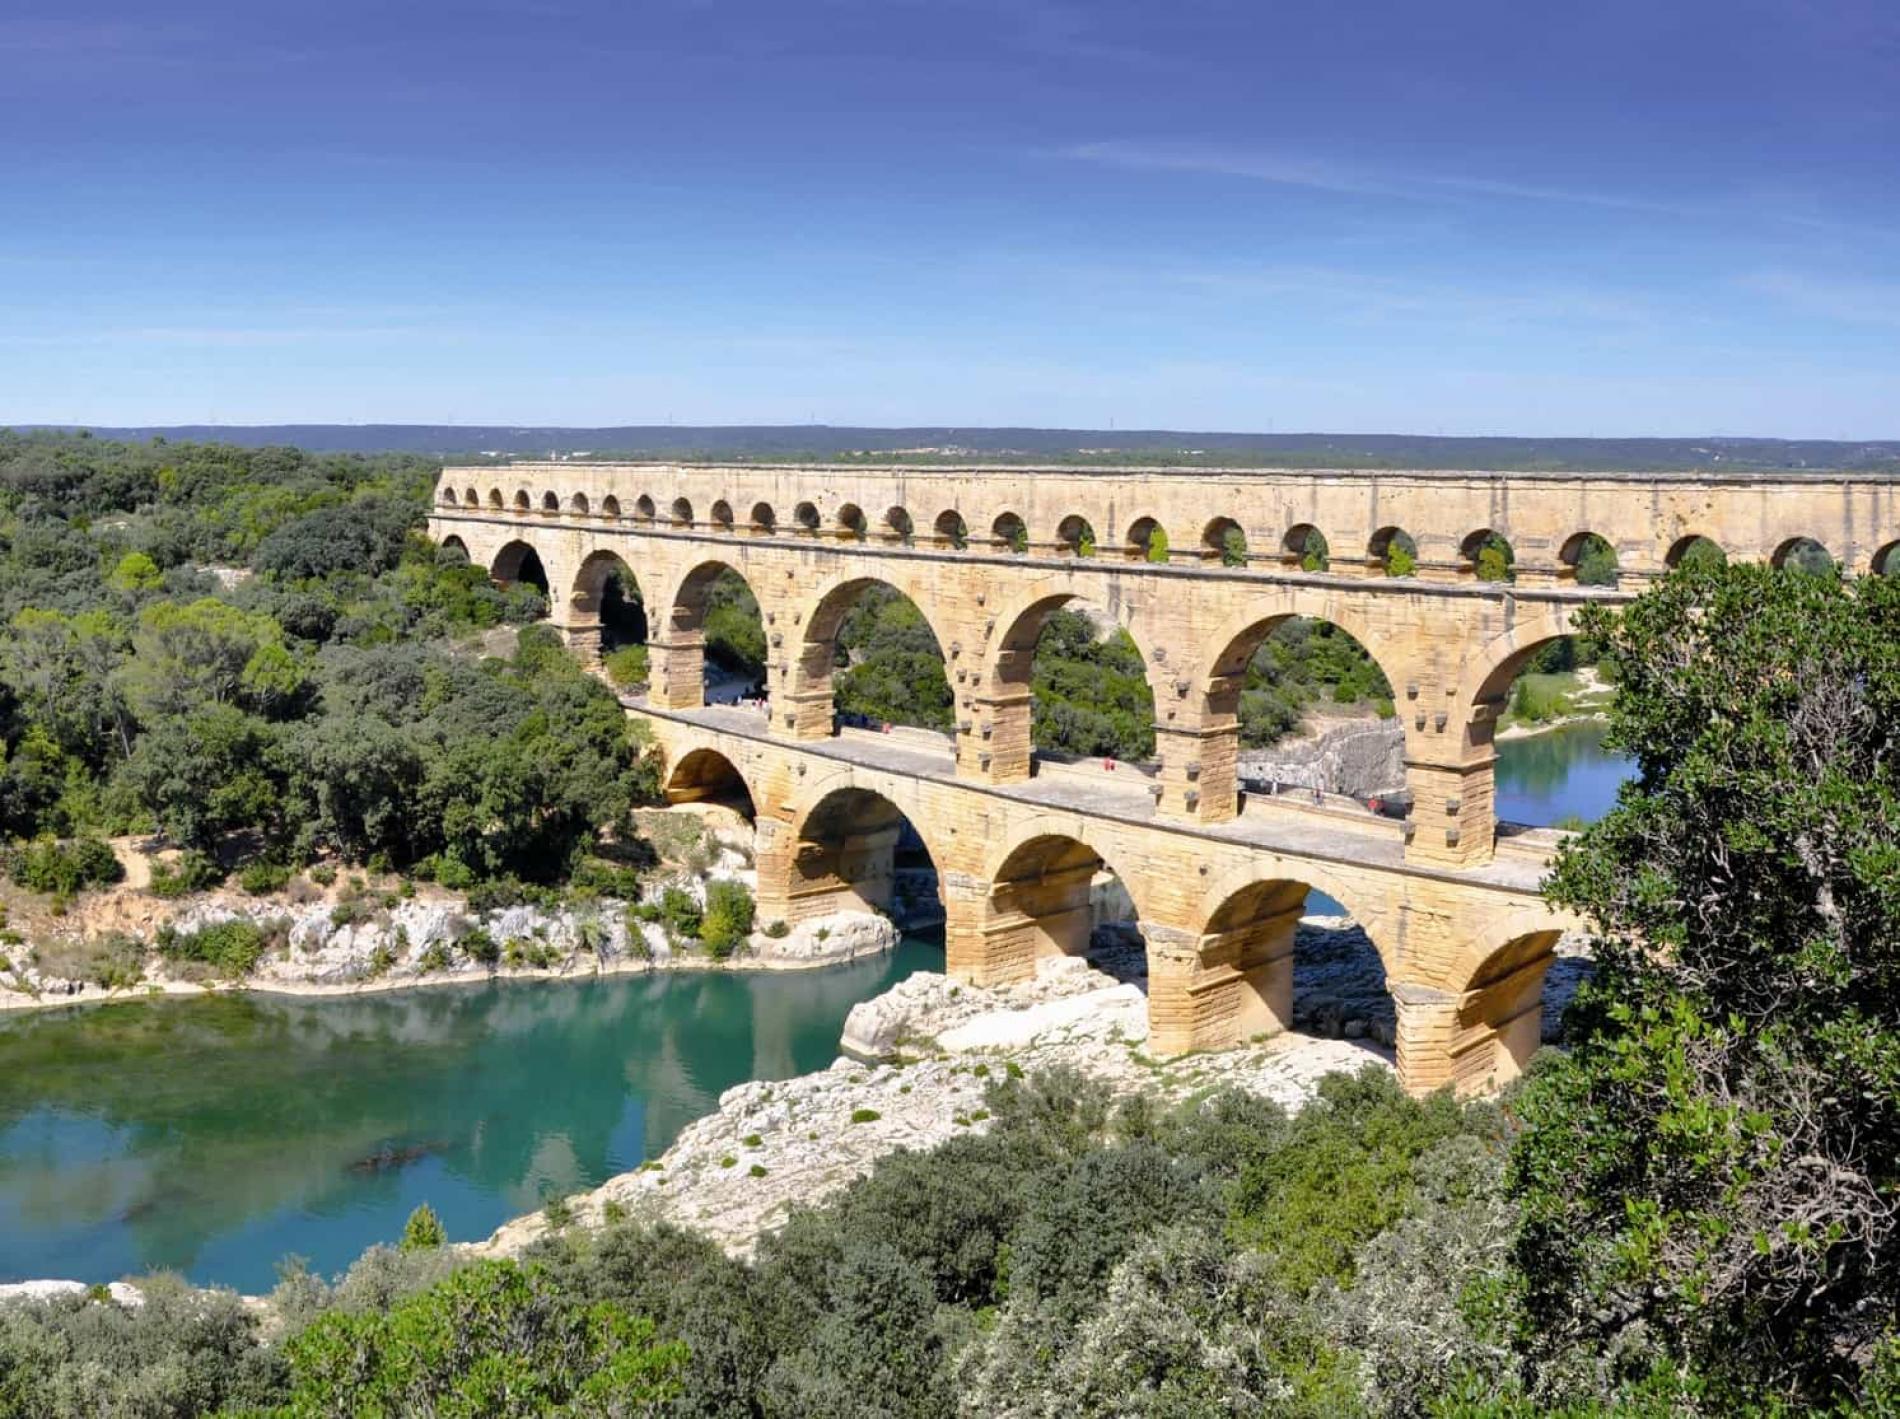 Le Pont du Gard, classé au patrimoine mondial par l'Unesco.